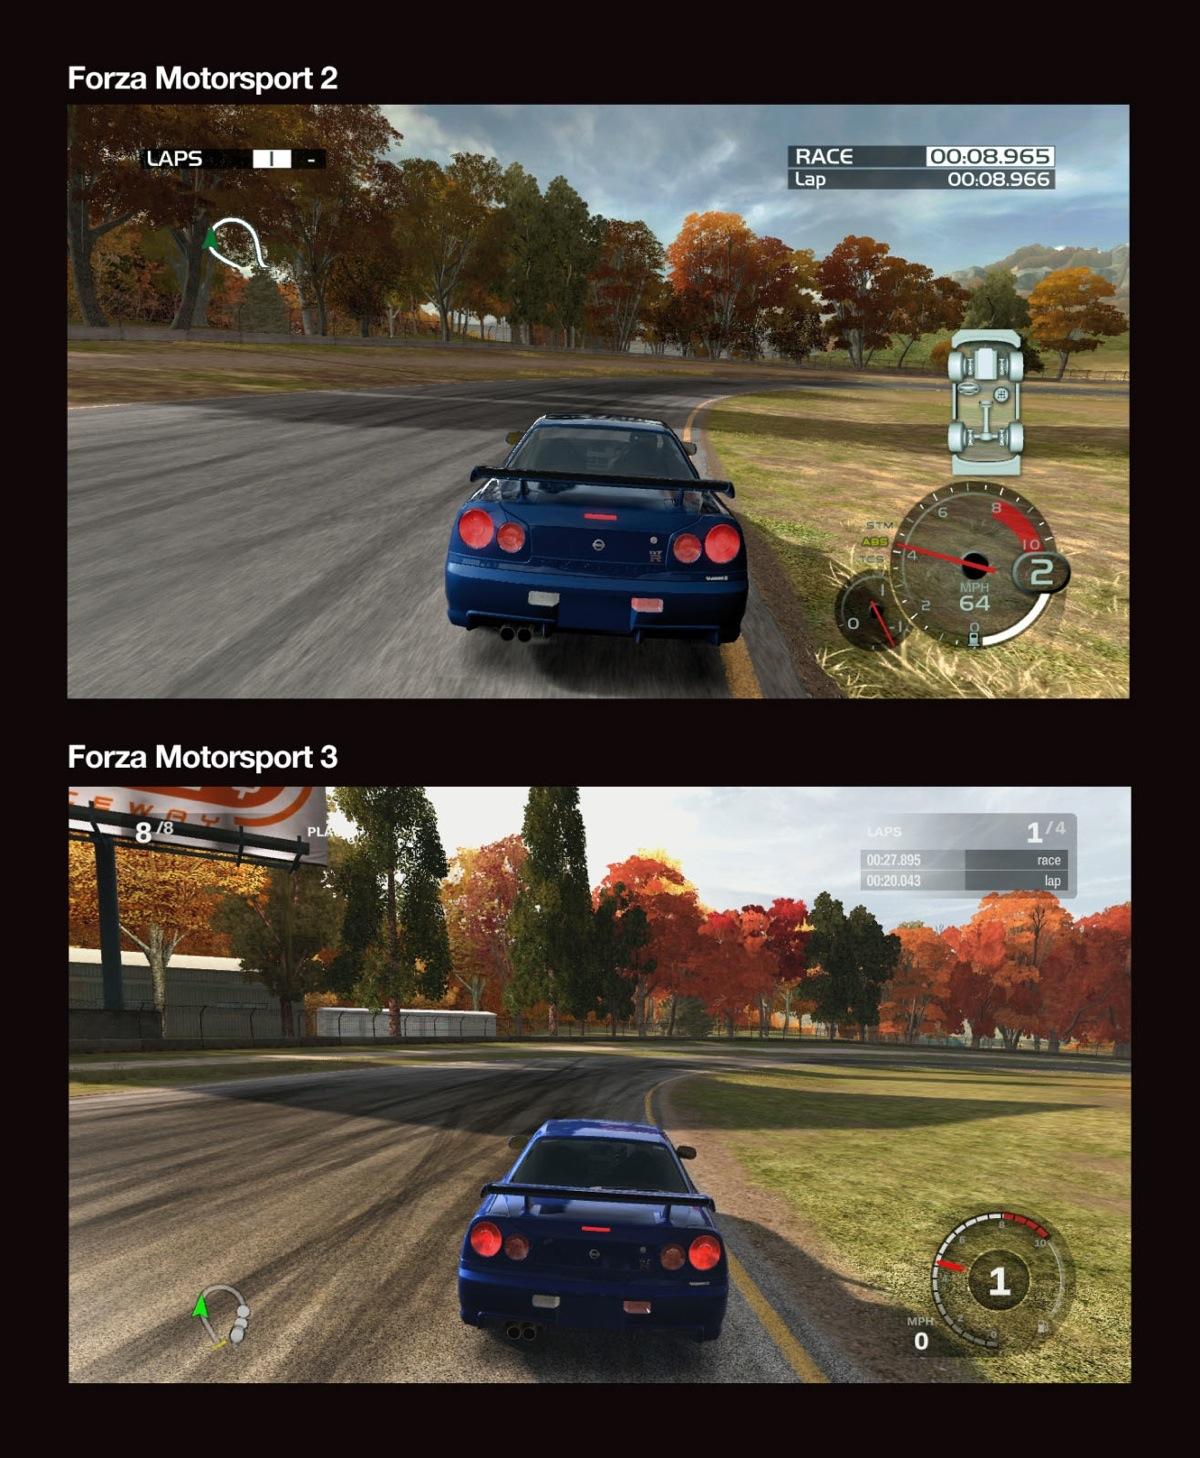 Forza3 X360 Div-Comparo002